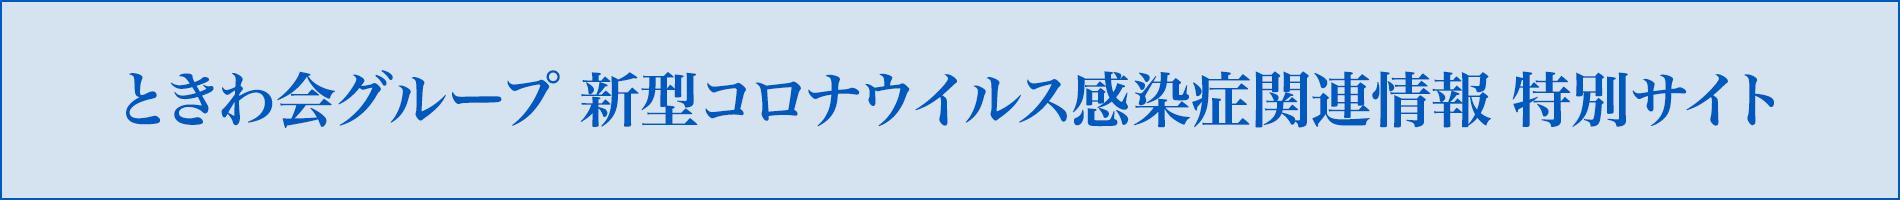 ときわ会グループ新型コロナウイルス感染症関連情報特別サイト